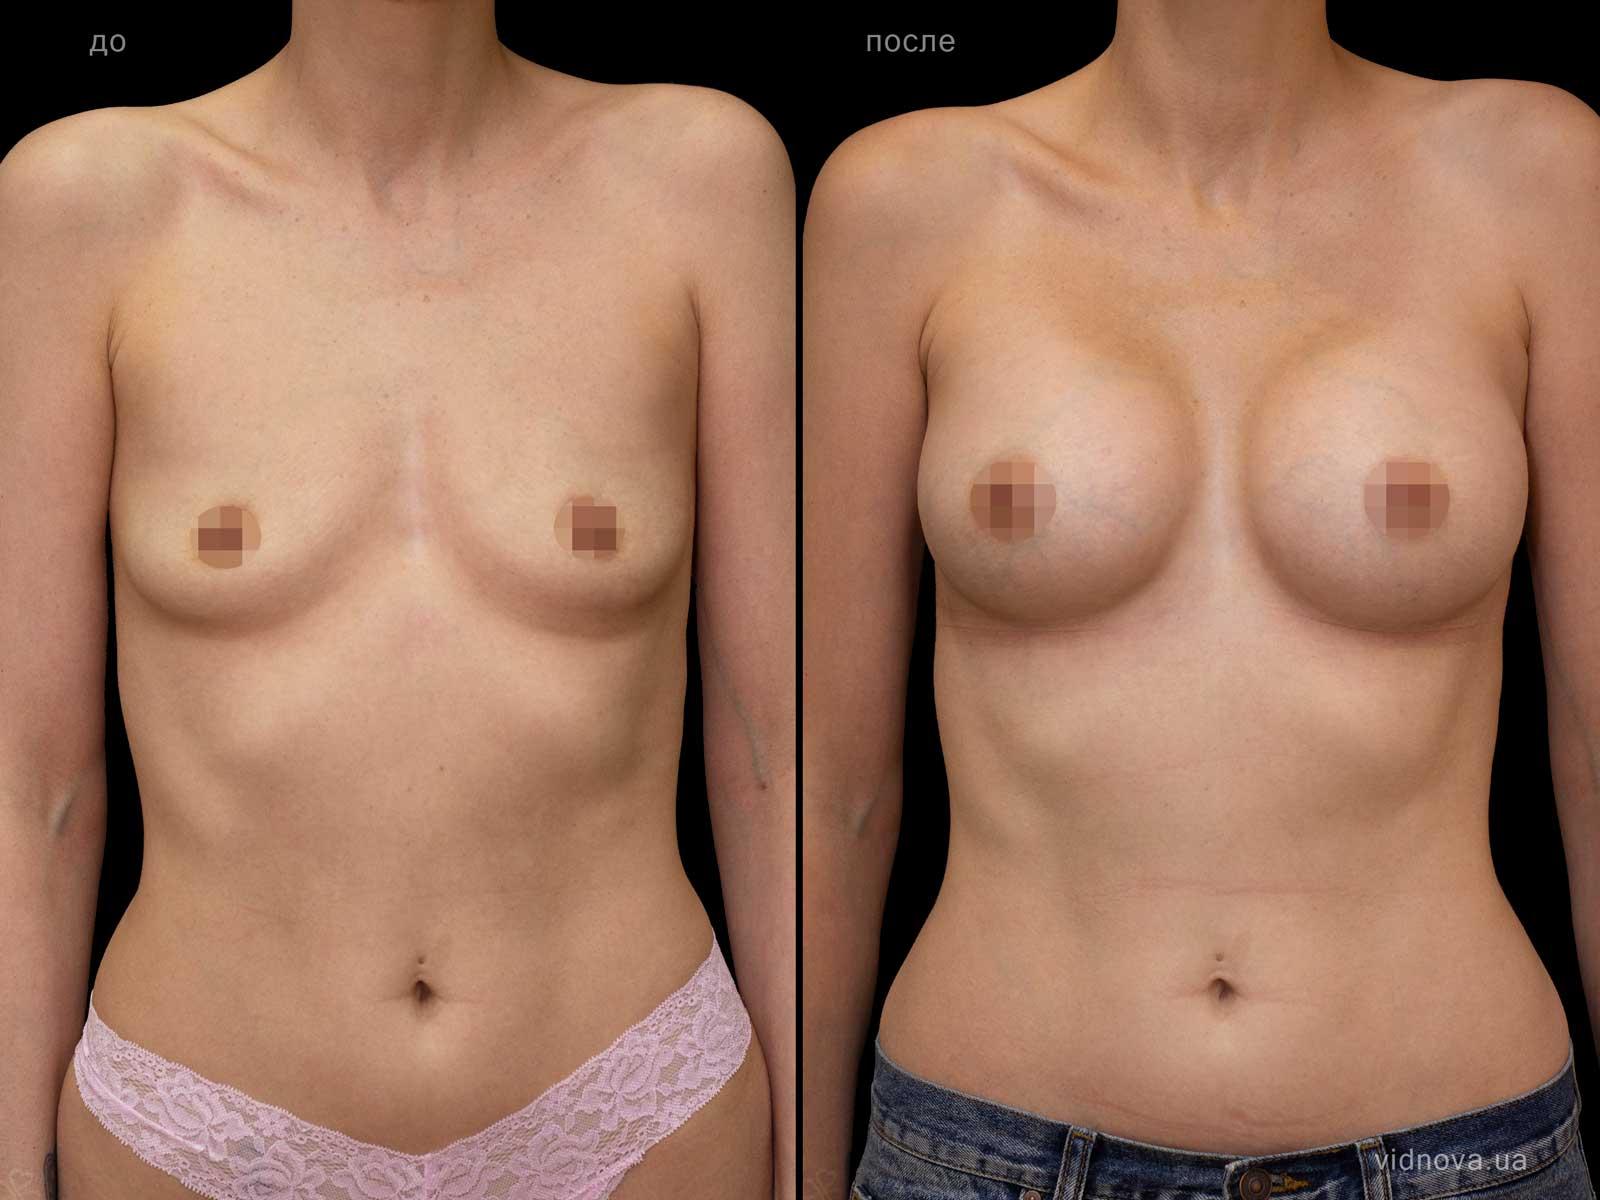 Пластика груди: результаты до и после - Пример №96-0 - Светлана Работенко